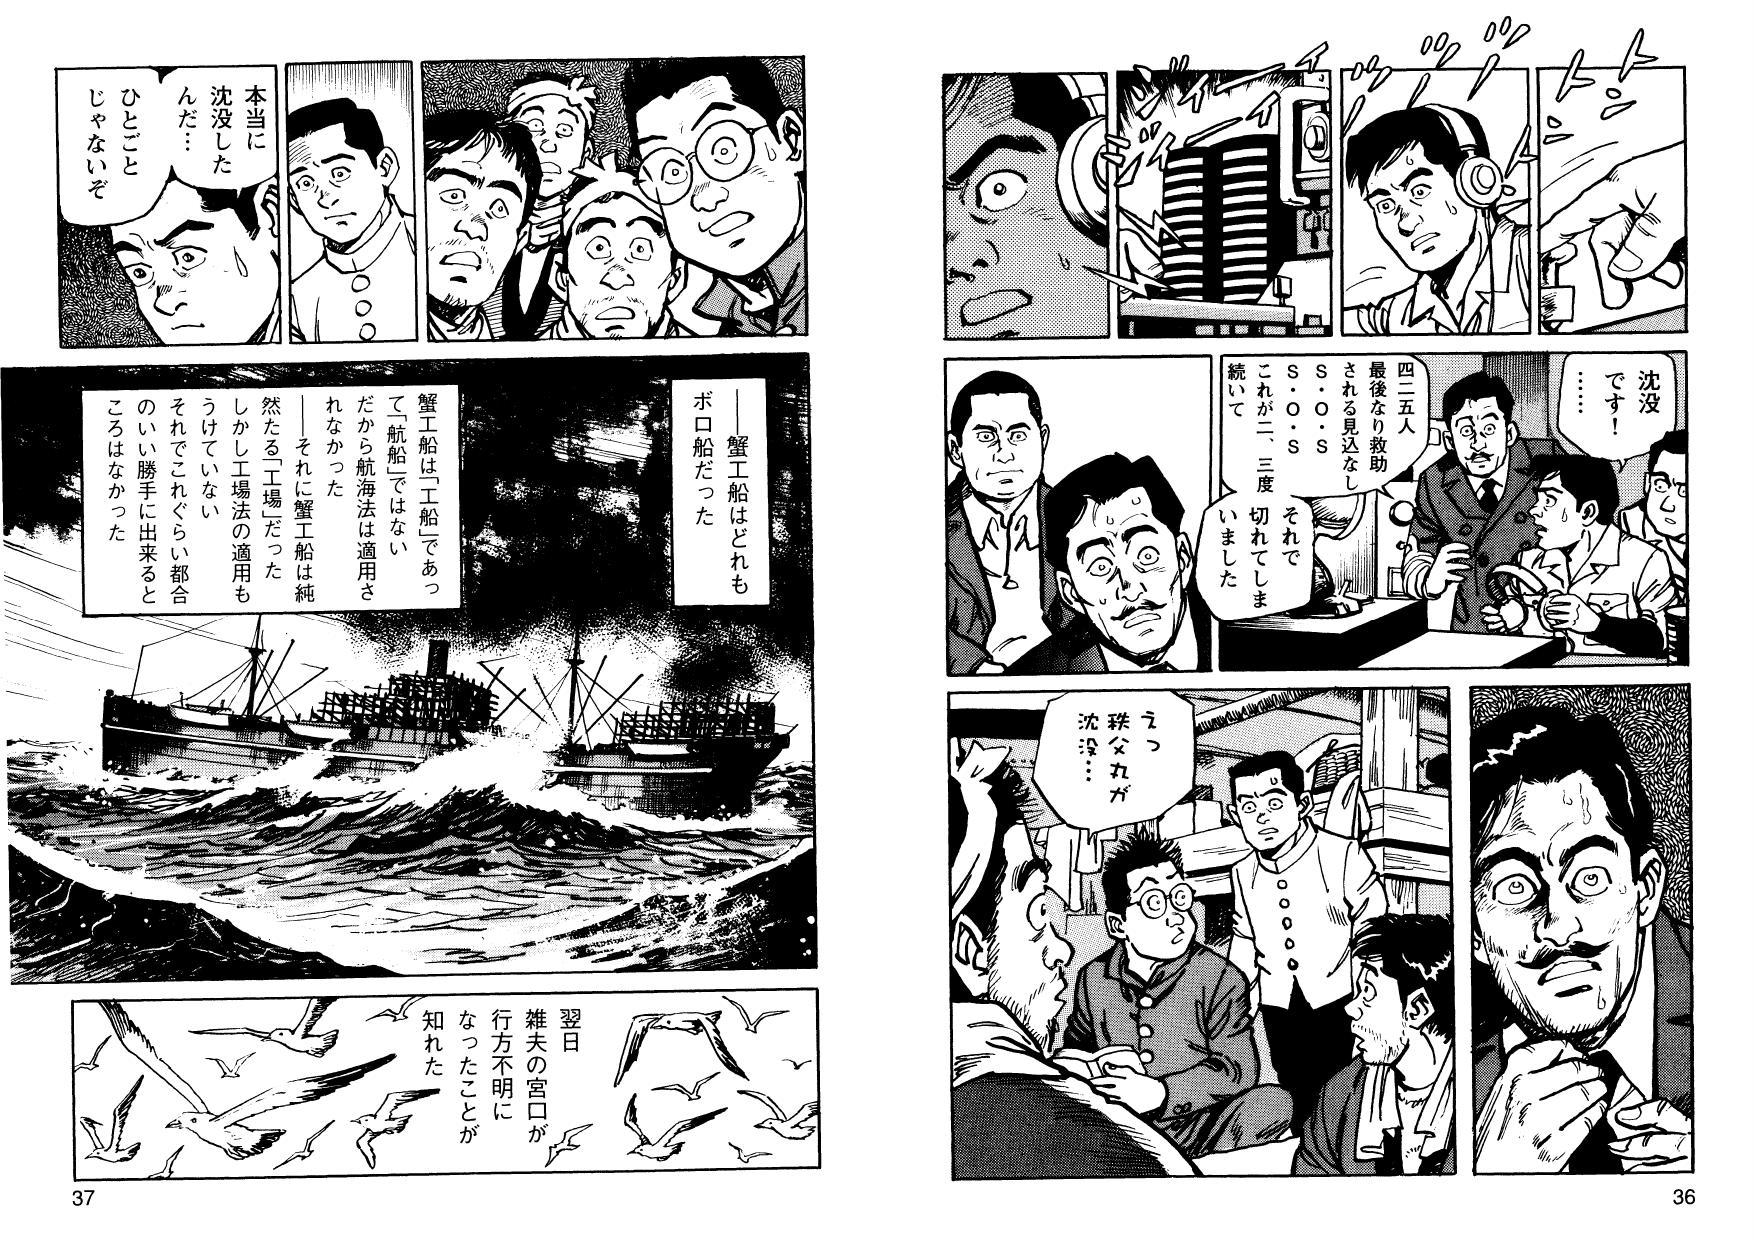 kani_cmc_000019.jpg